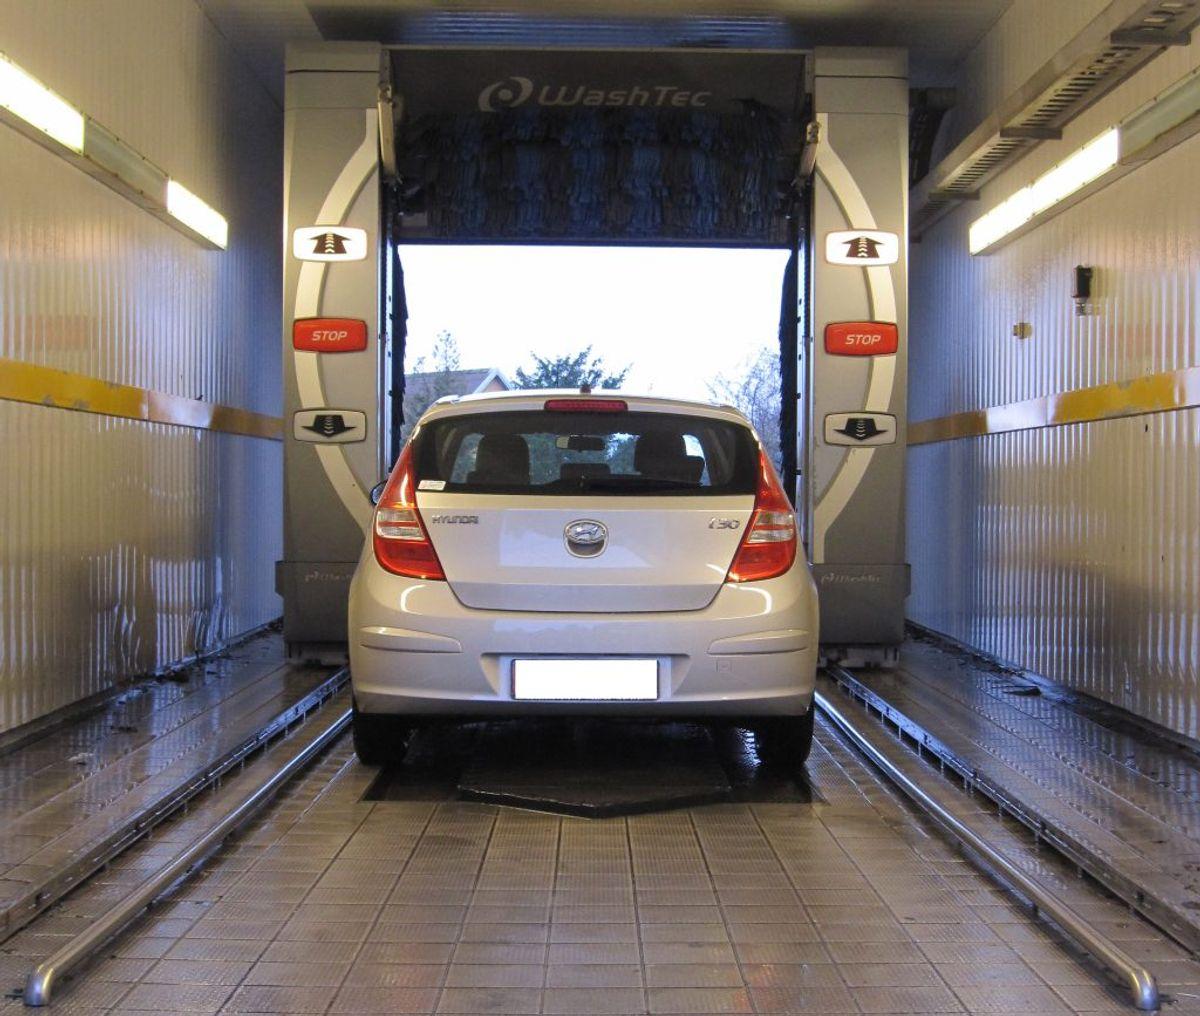 Det vil som regel være rigeligt at vaske bilen en gang om måneden. Klik videre i galleriet for flere gode råd. Foto: Colourbox.